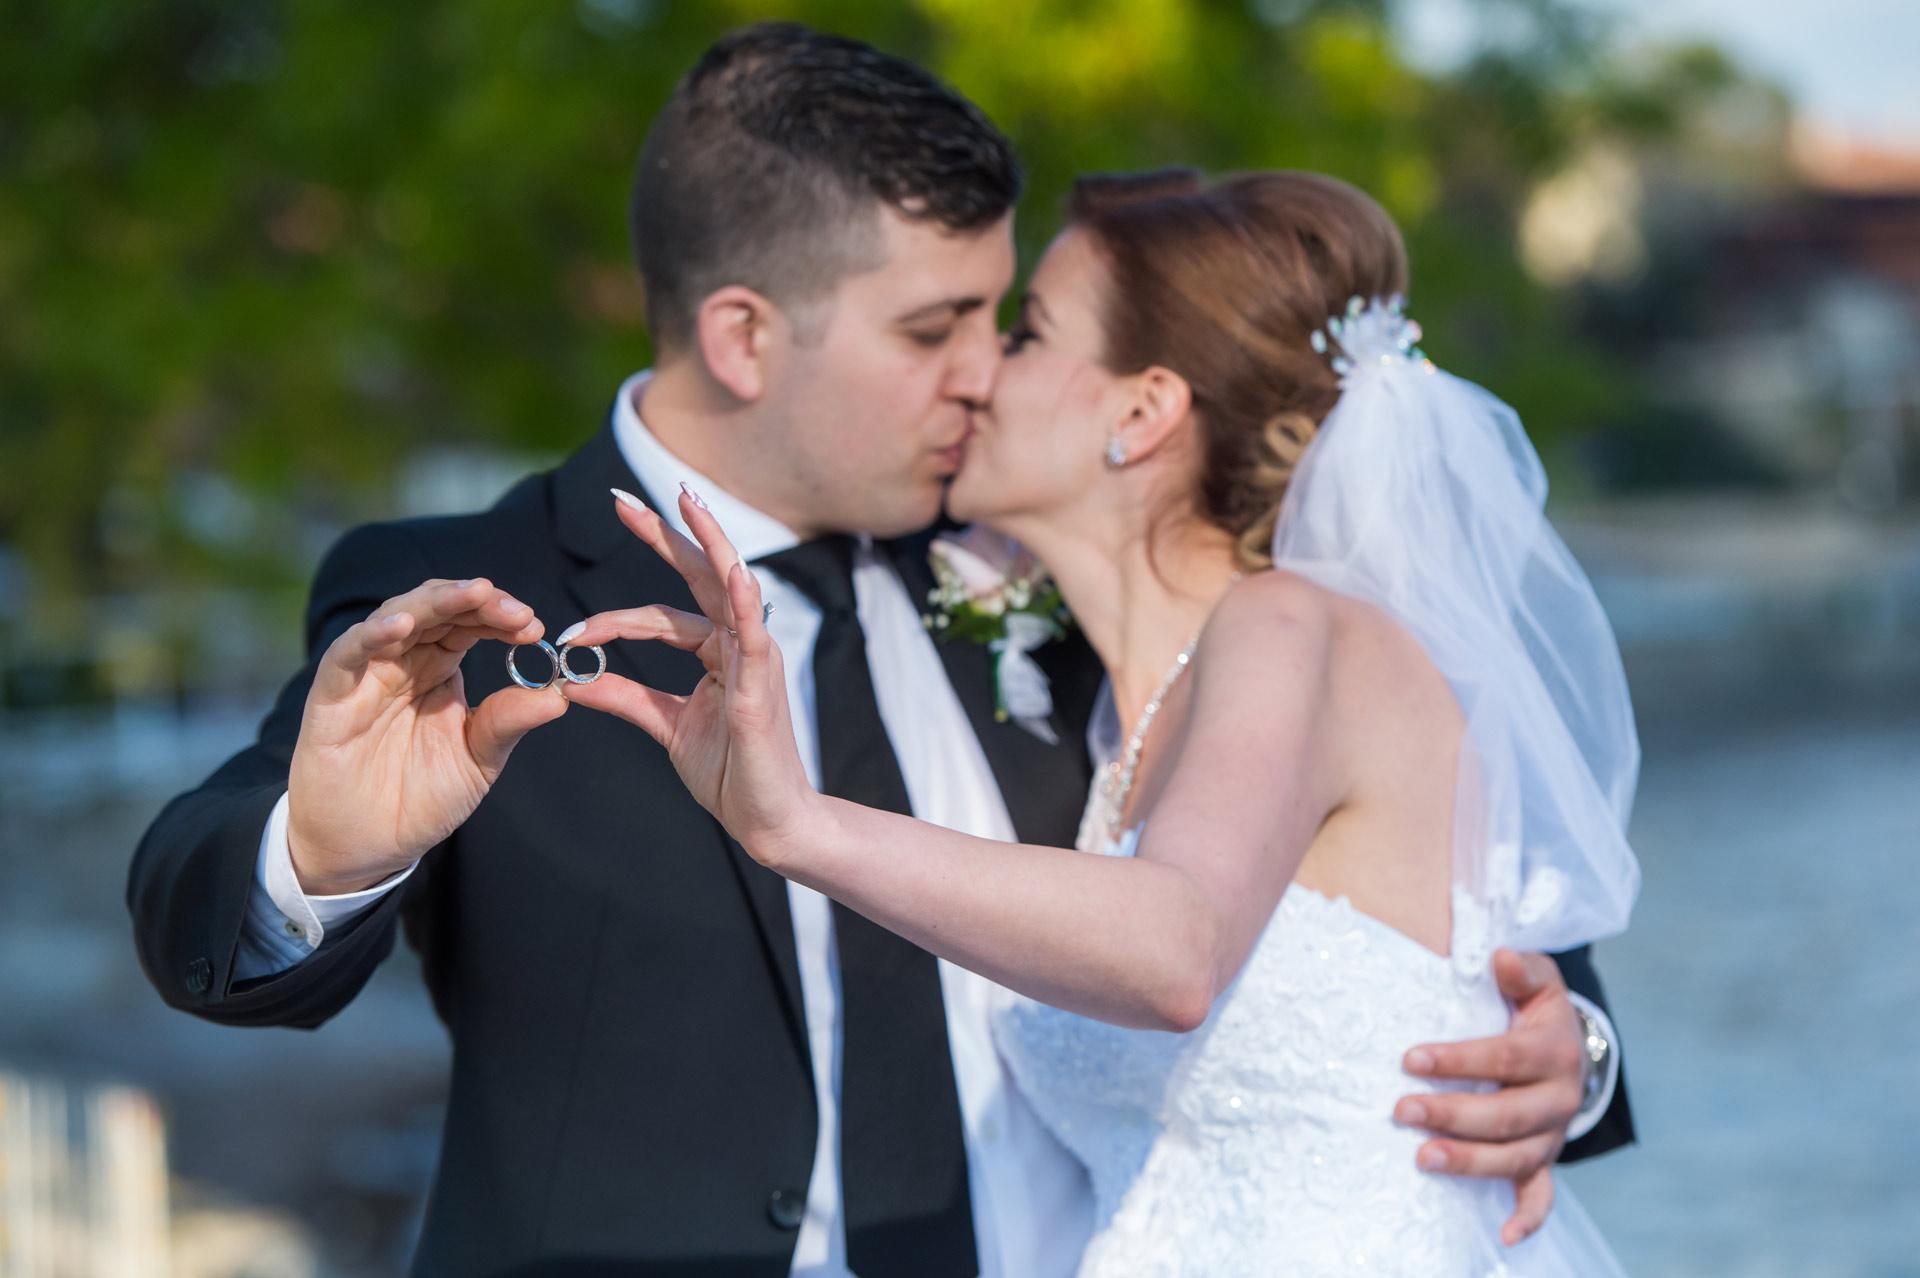 Колко струва една сватба на морето или плажа около Бургас през 2020 - част 2 - Актуални цени от сватбена агенция Перфекта Бургас